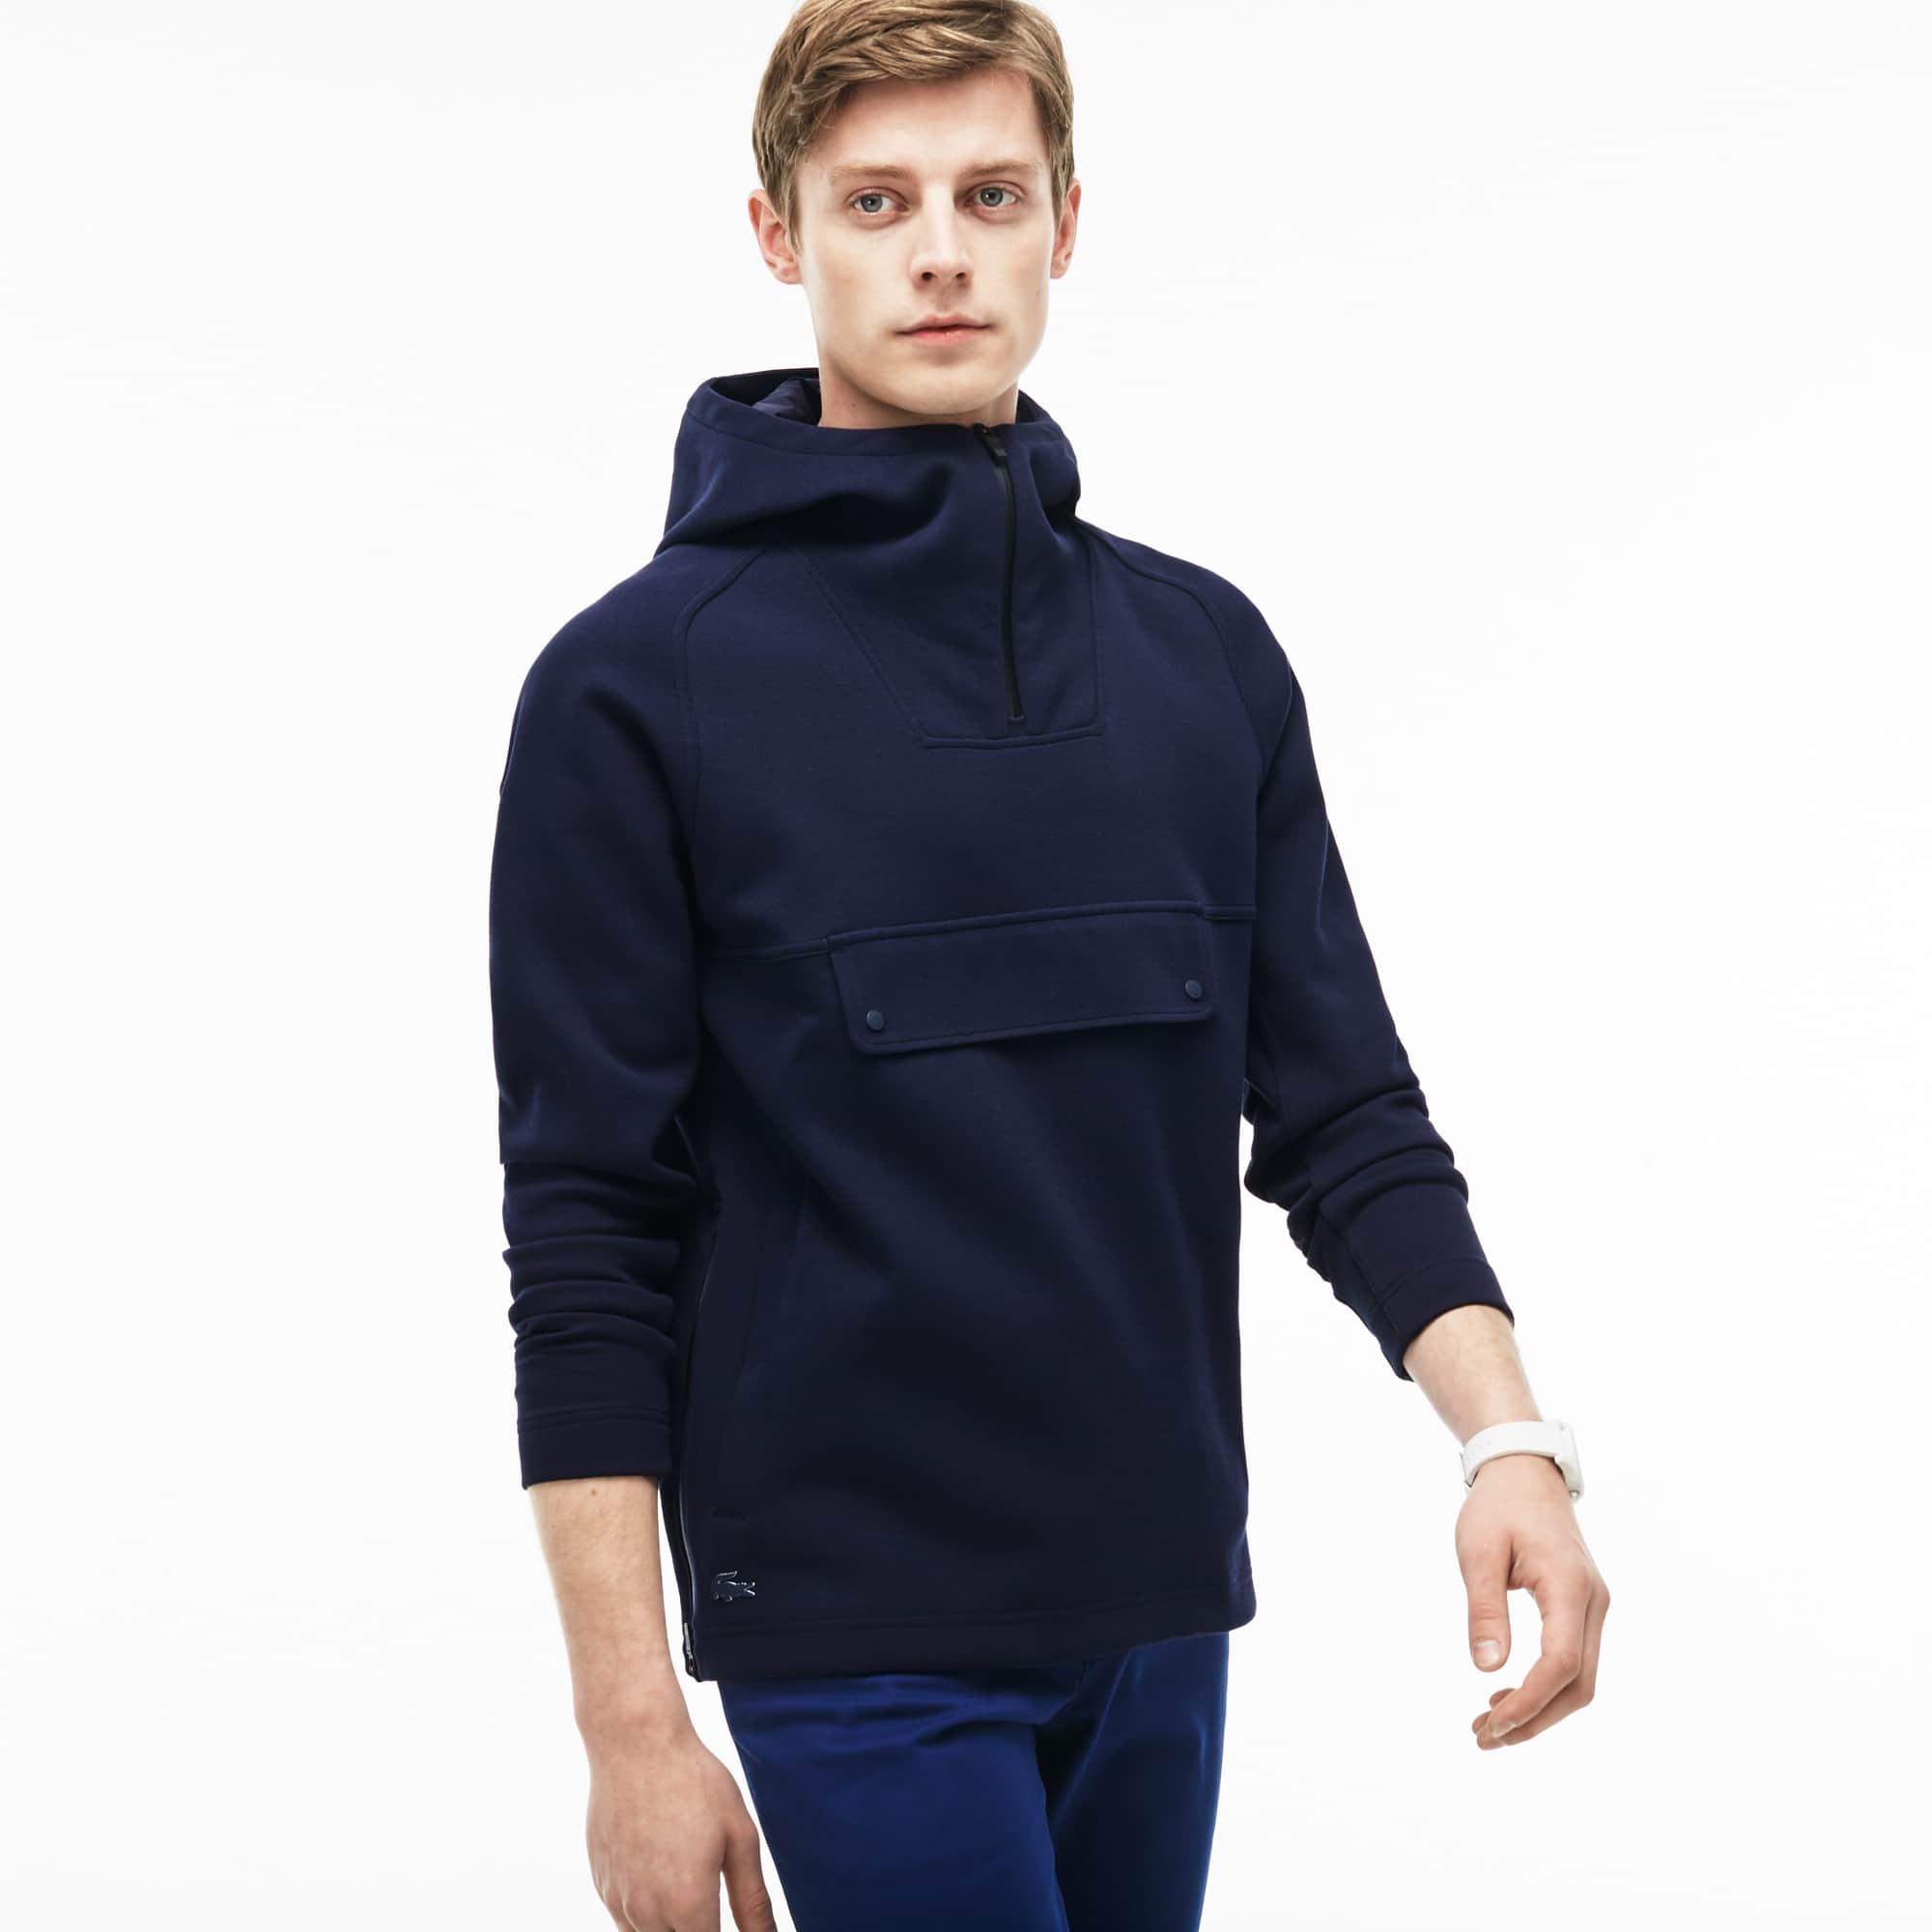 Men's Hooded Zip Neck Wide Pockets Sweatshirt